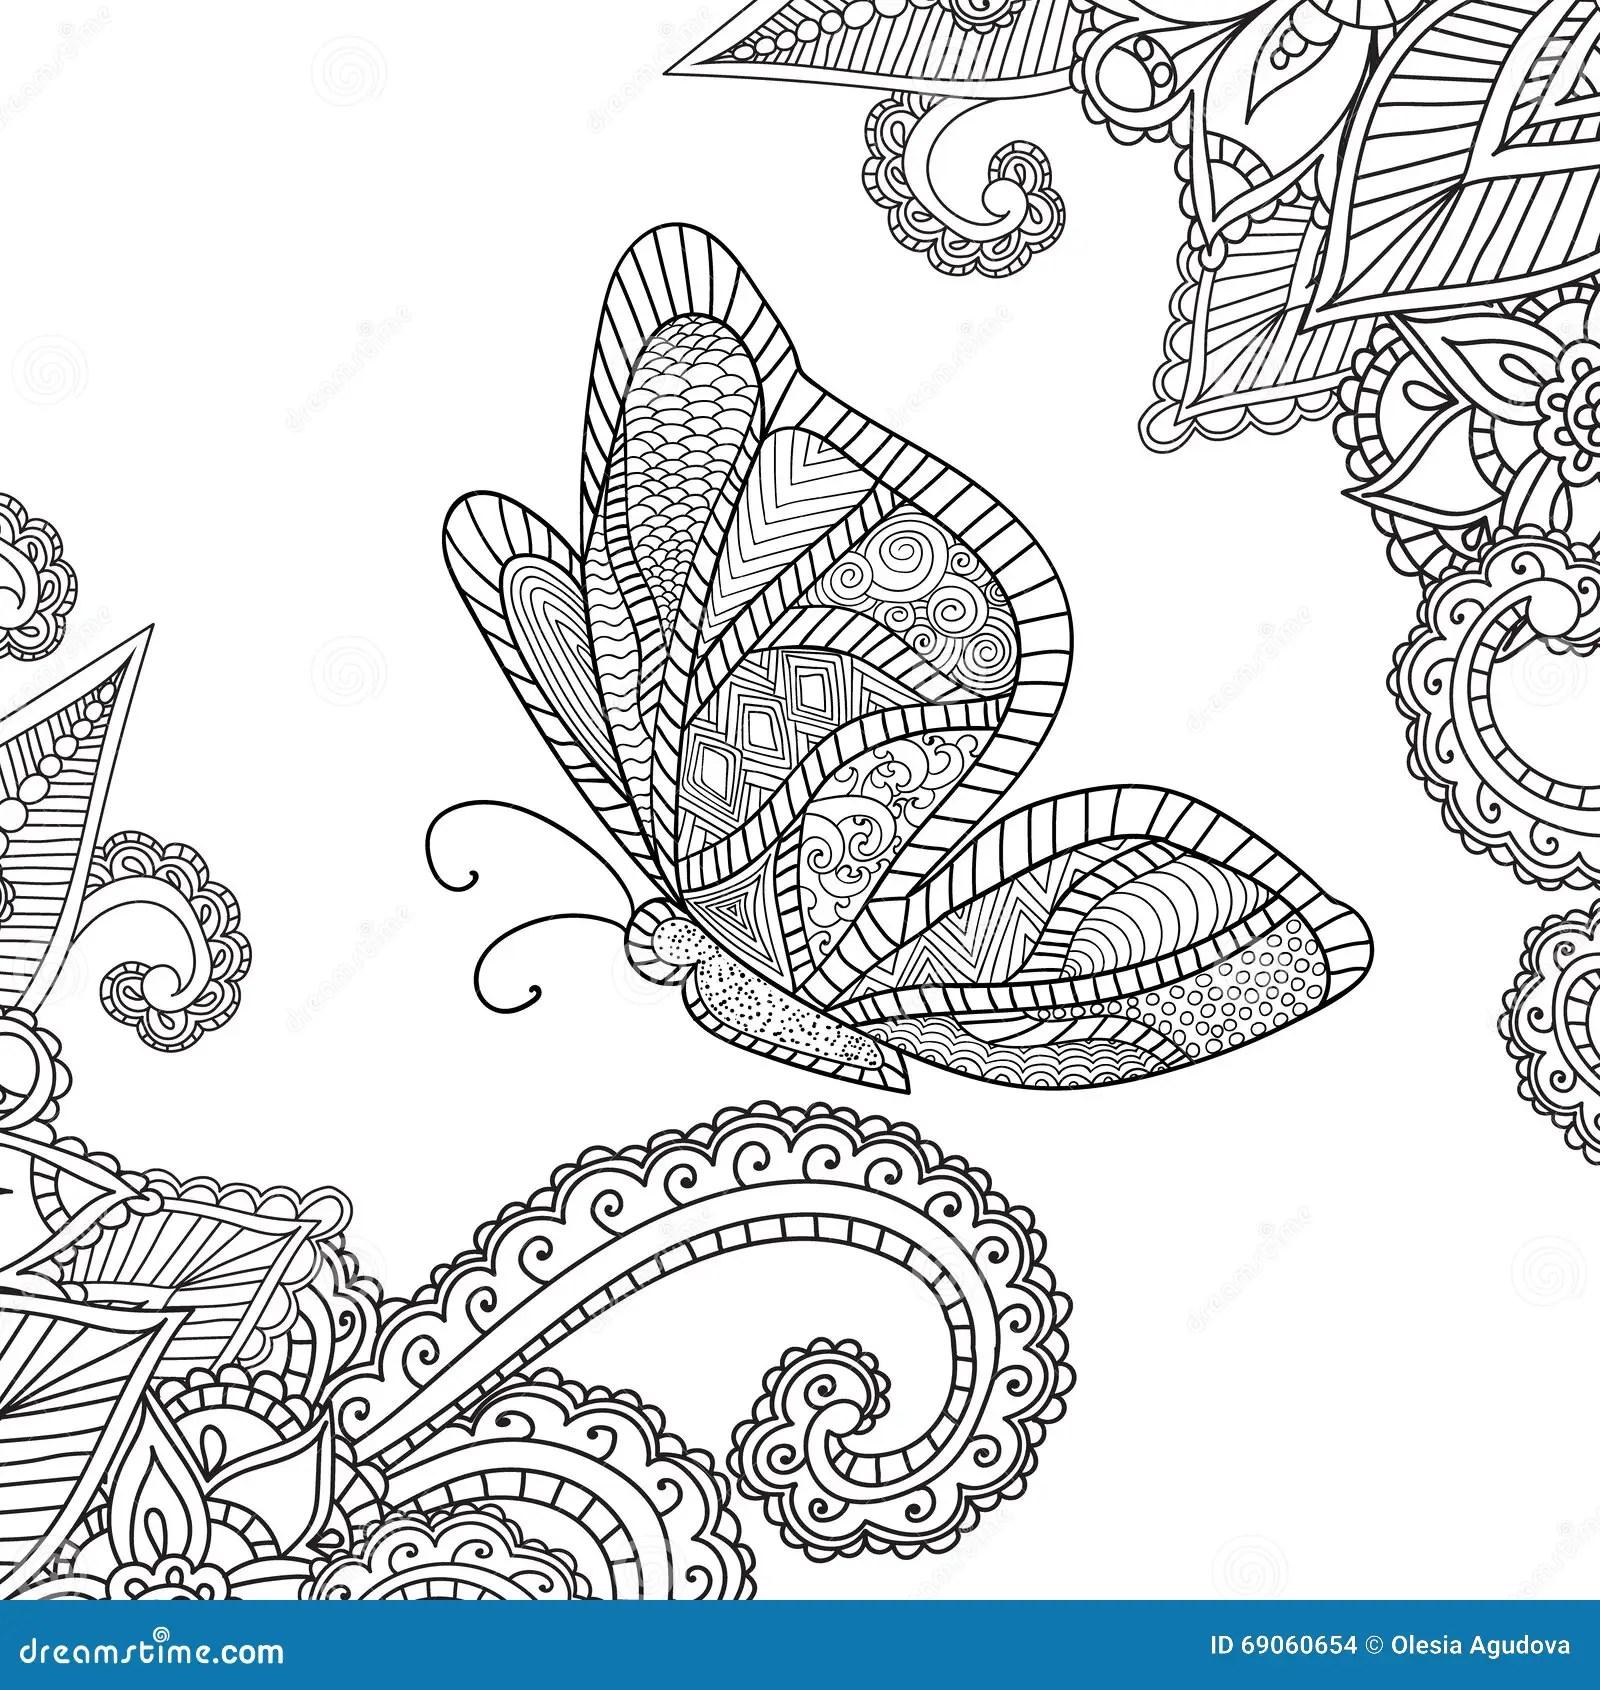 Farbtonseiten Fr Erwachsene Henna Mehndi Doodles Abstract